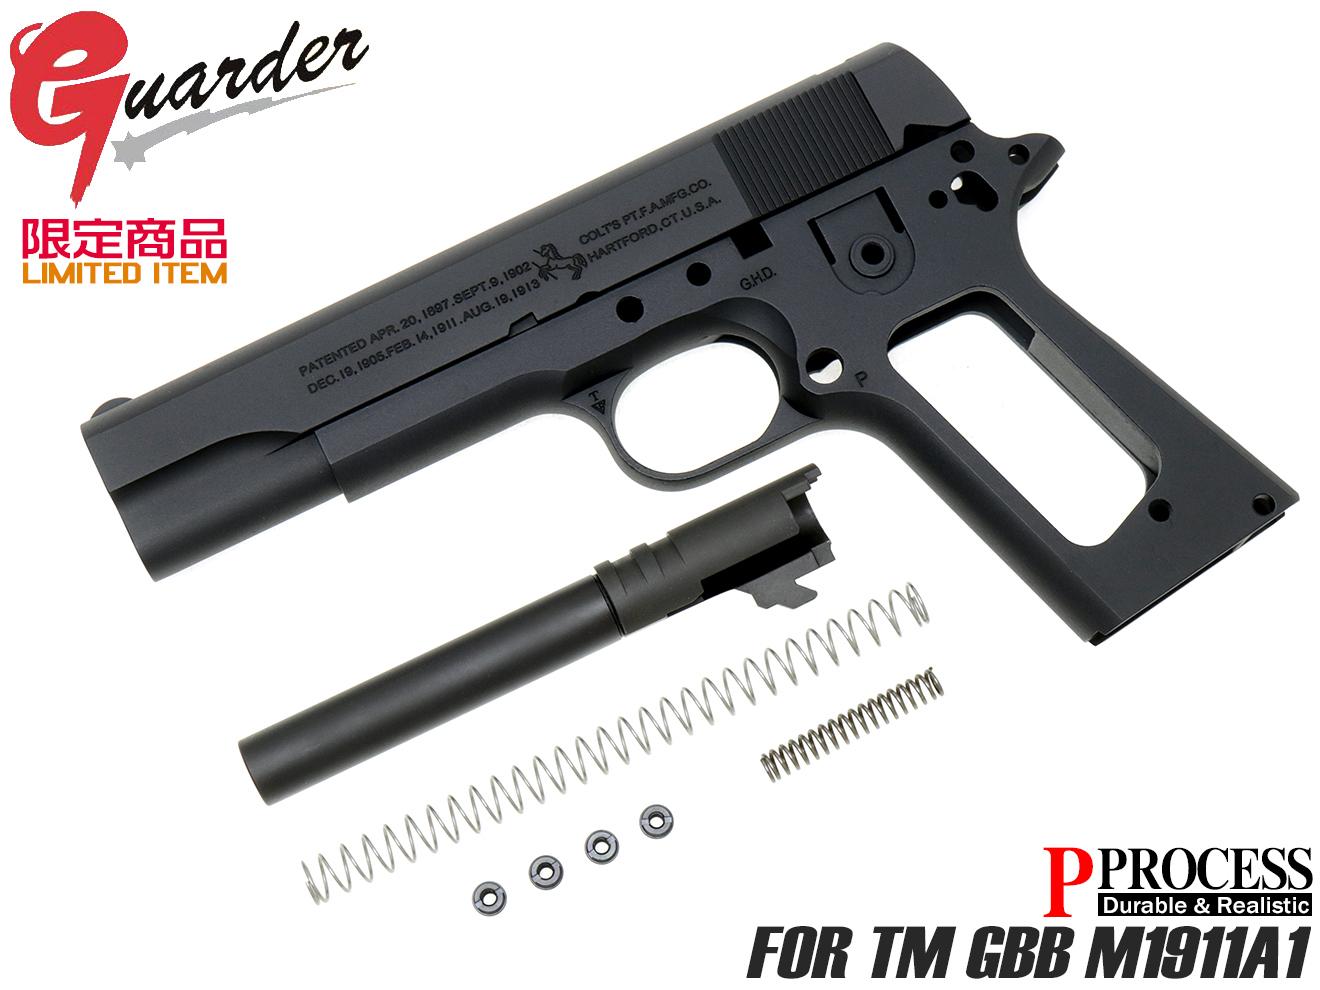 M1911-15(C)DG■【スライド/フレーム/バレル/スプリングセット】GUARDER(ガーダー) 強化パーツフルキット(M1911-15(C)DG)◆マルイM1911A1ガバメント